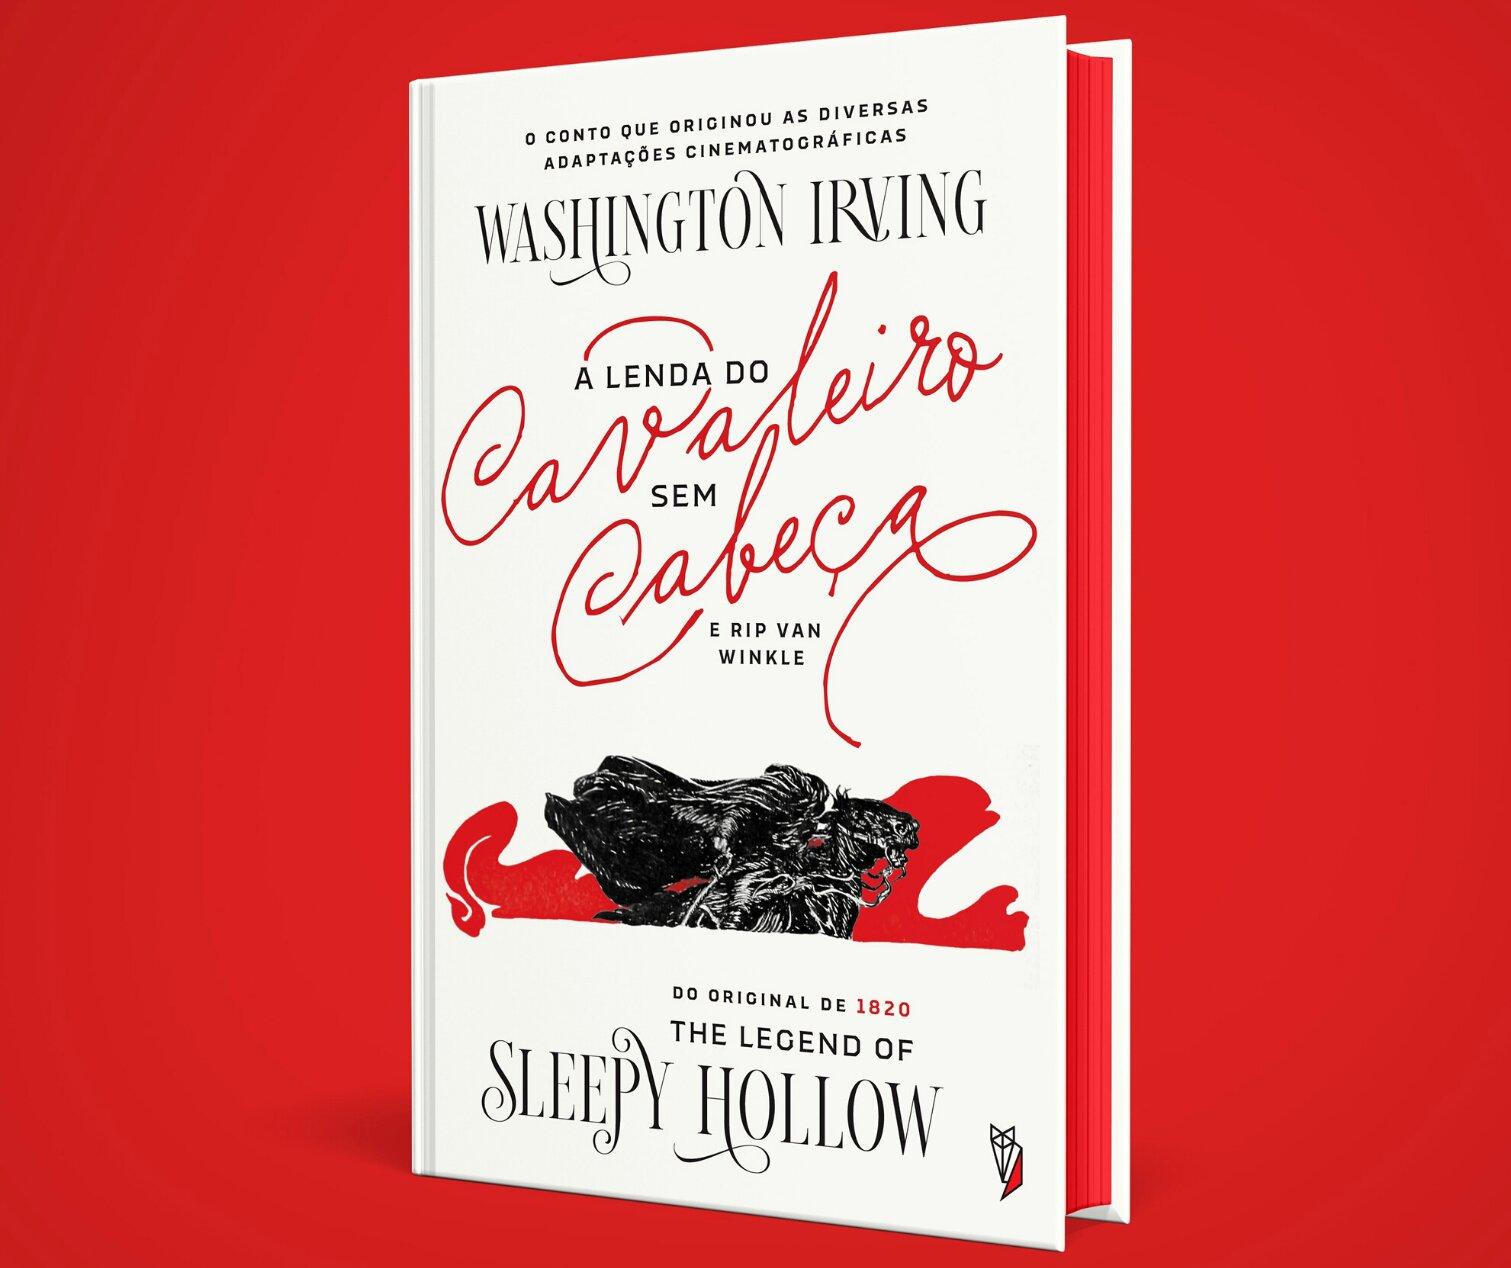 Resenha: A lenda do Cavaleiro Sem Cabeça e outros contos, de Washington Irving